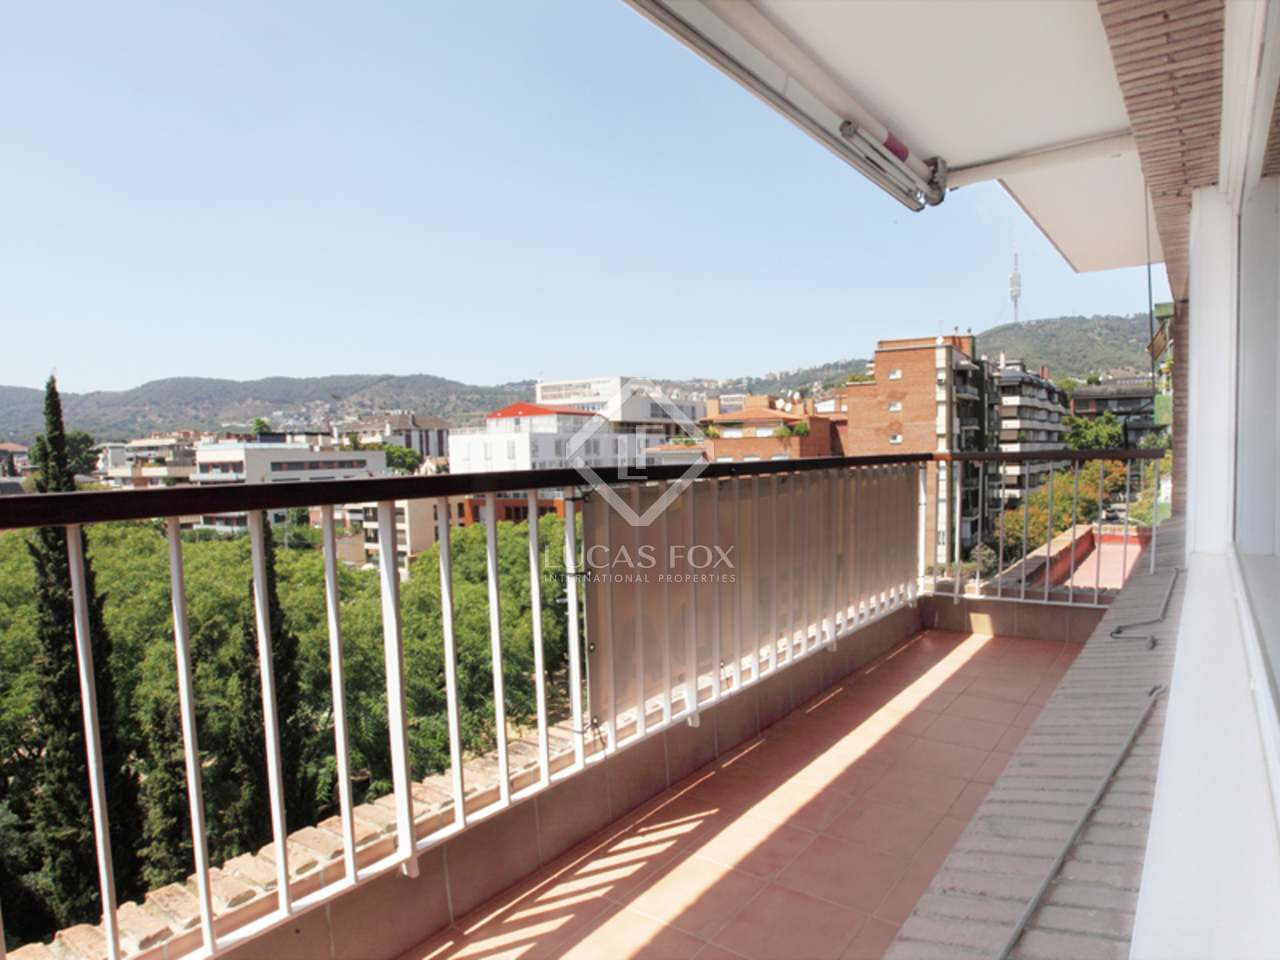 Penthouse en duplex avec terrasse spacieuse vendre for Piscine w barcelone